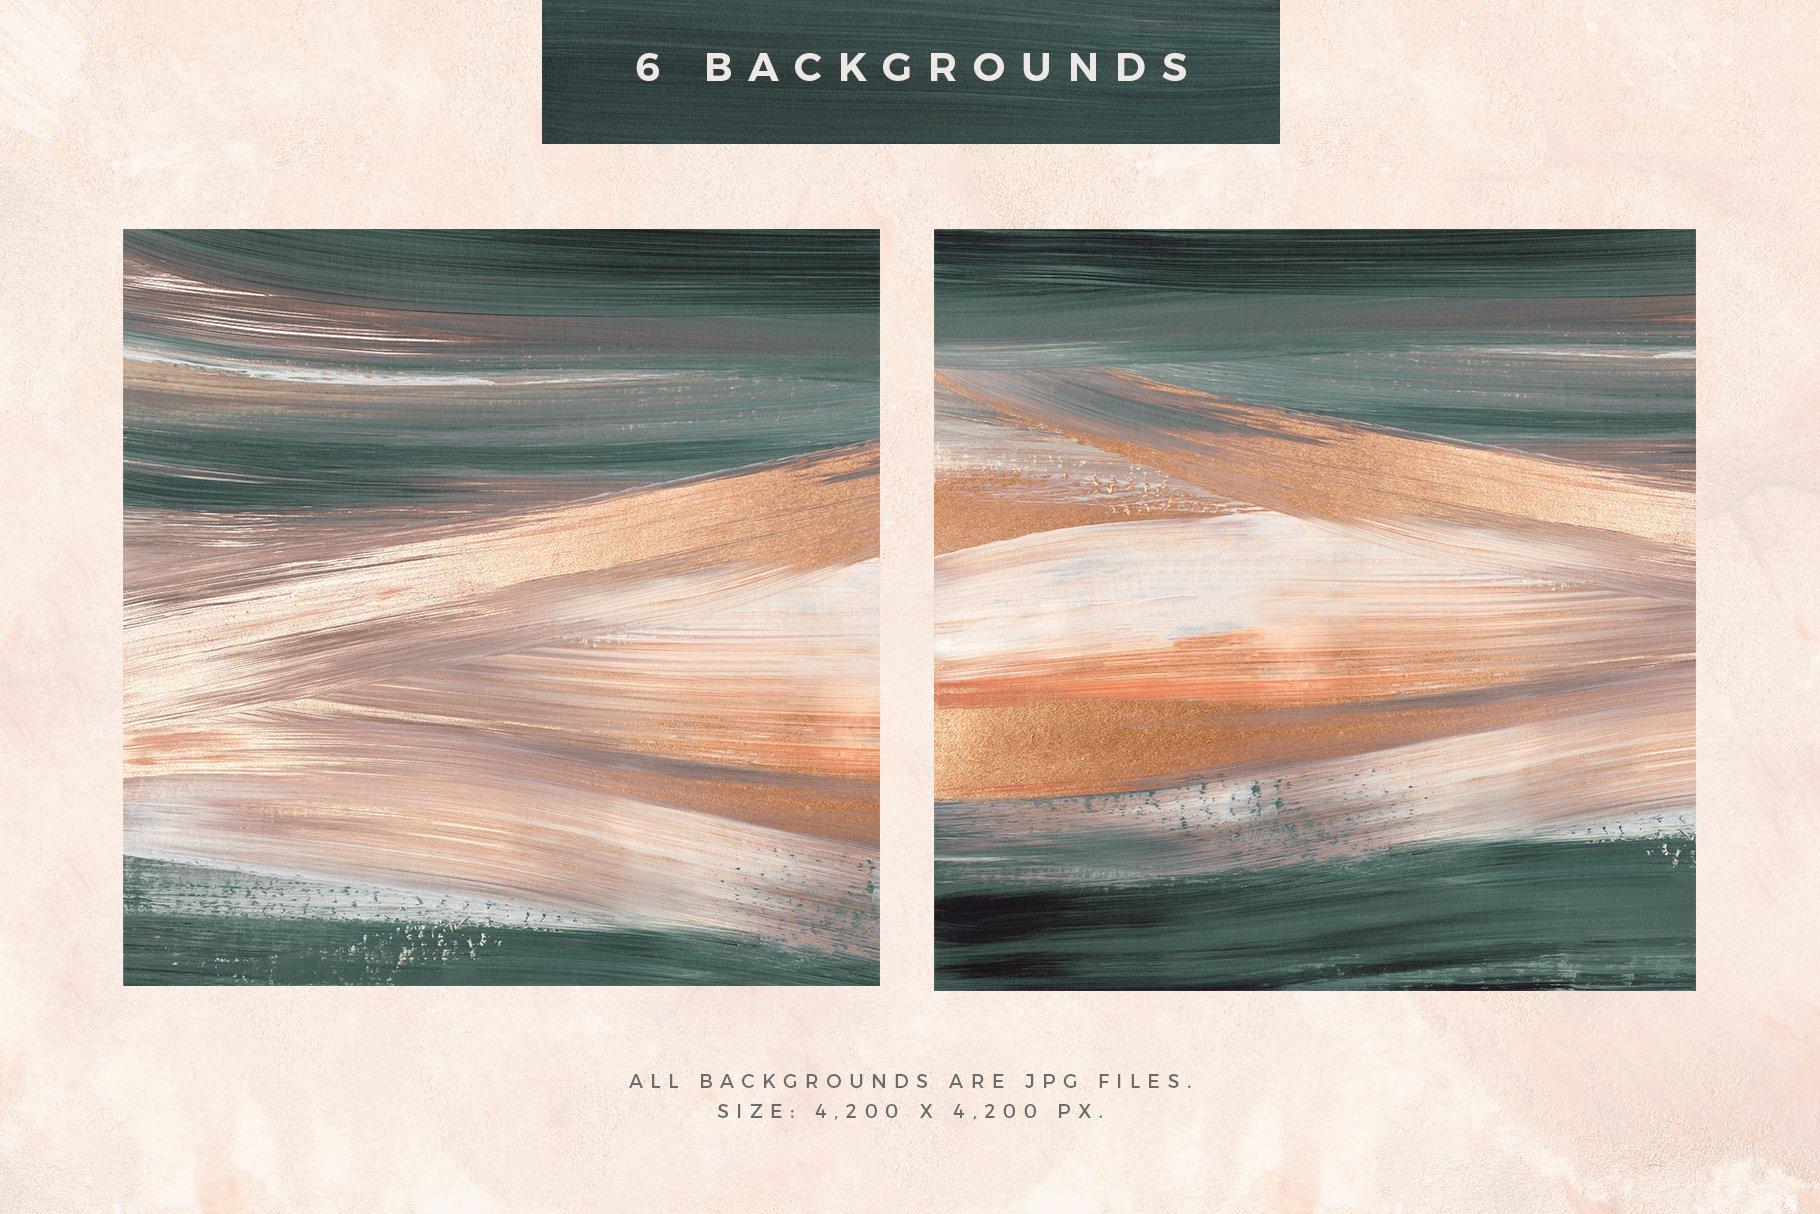 [淘宝购买] 时尚优雅抽象多彩丙烯酸颜料笔刷肌理背景PNG图片素材 Painterly Shapes & Backgrounds插图(2)